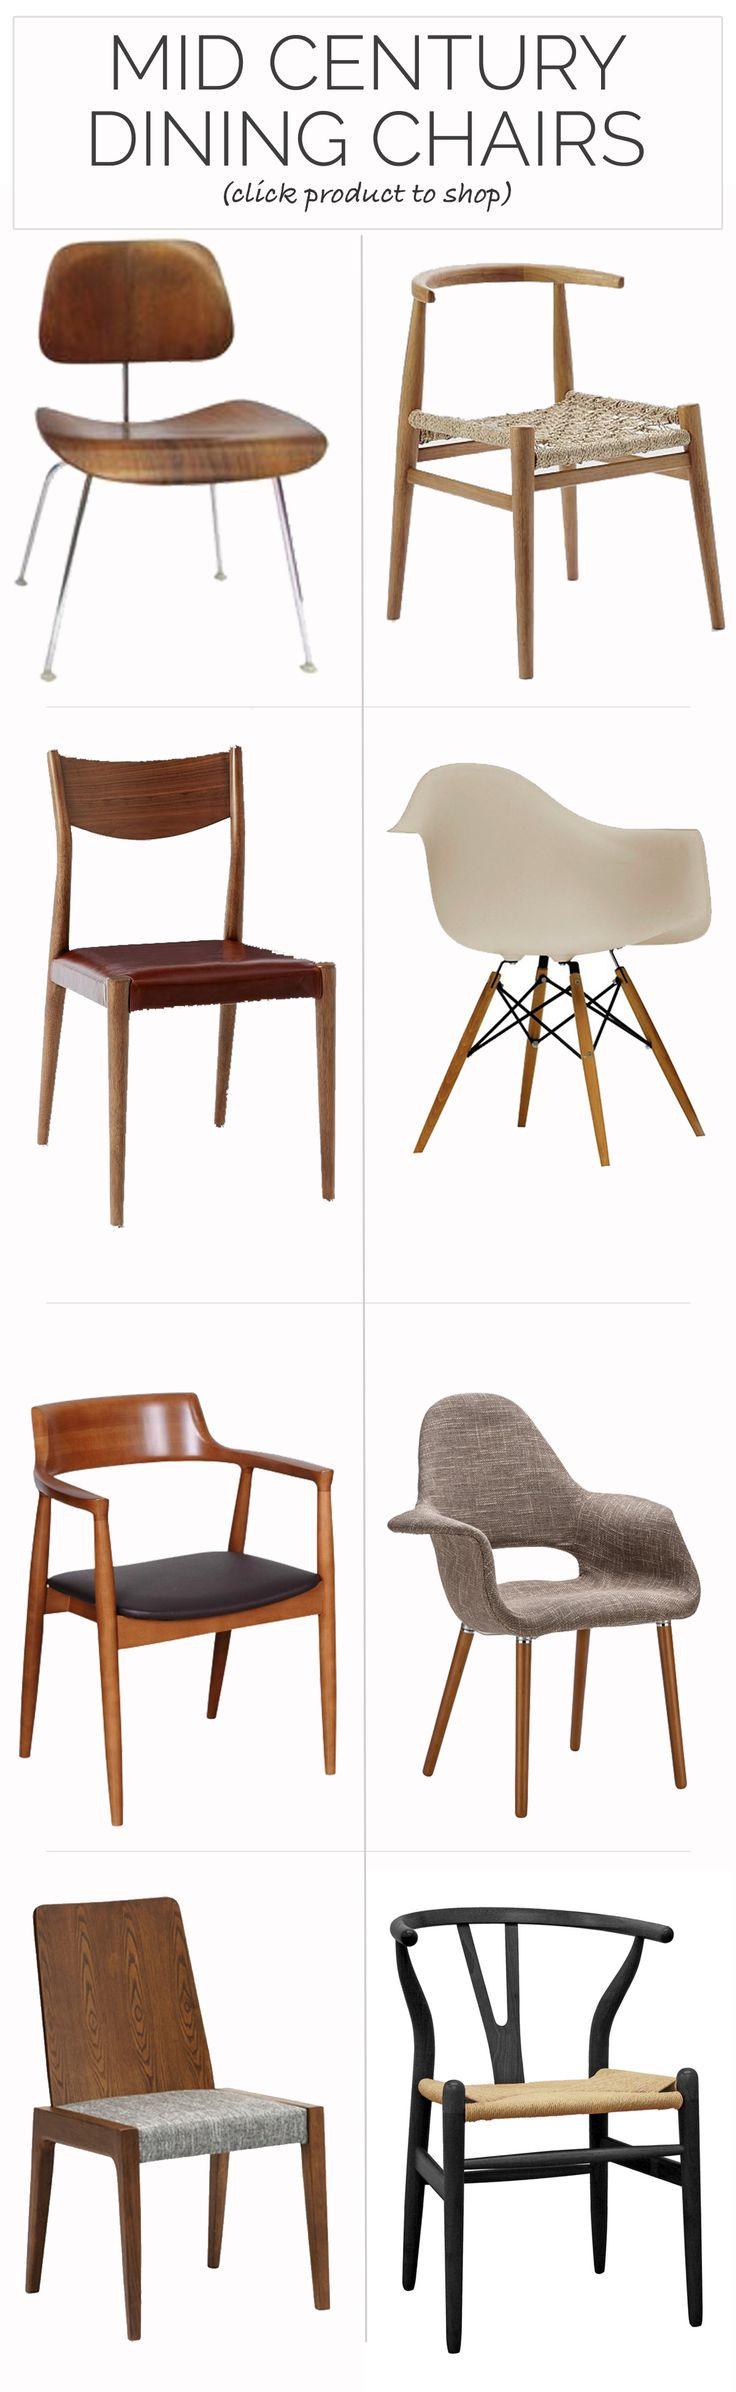 mid century dining mid century kitchen chairs The Best Mid Century Dining Chairs